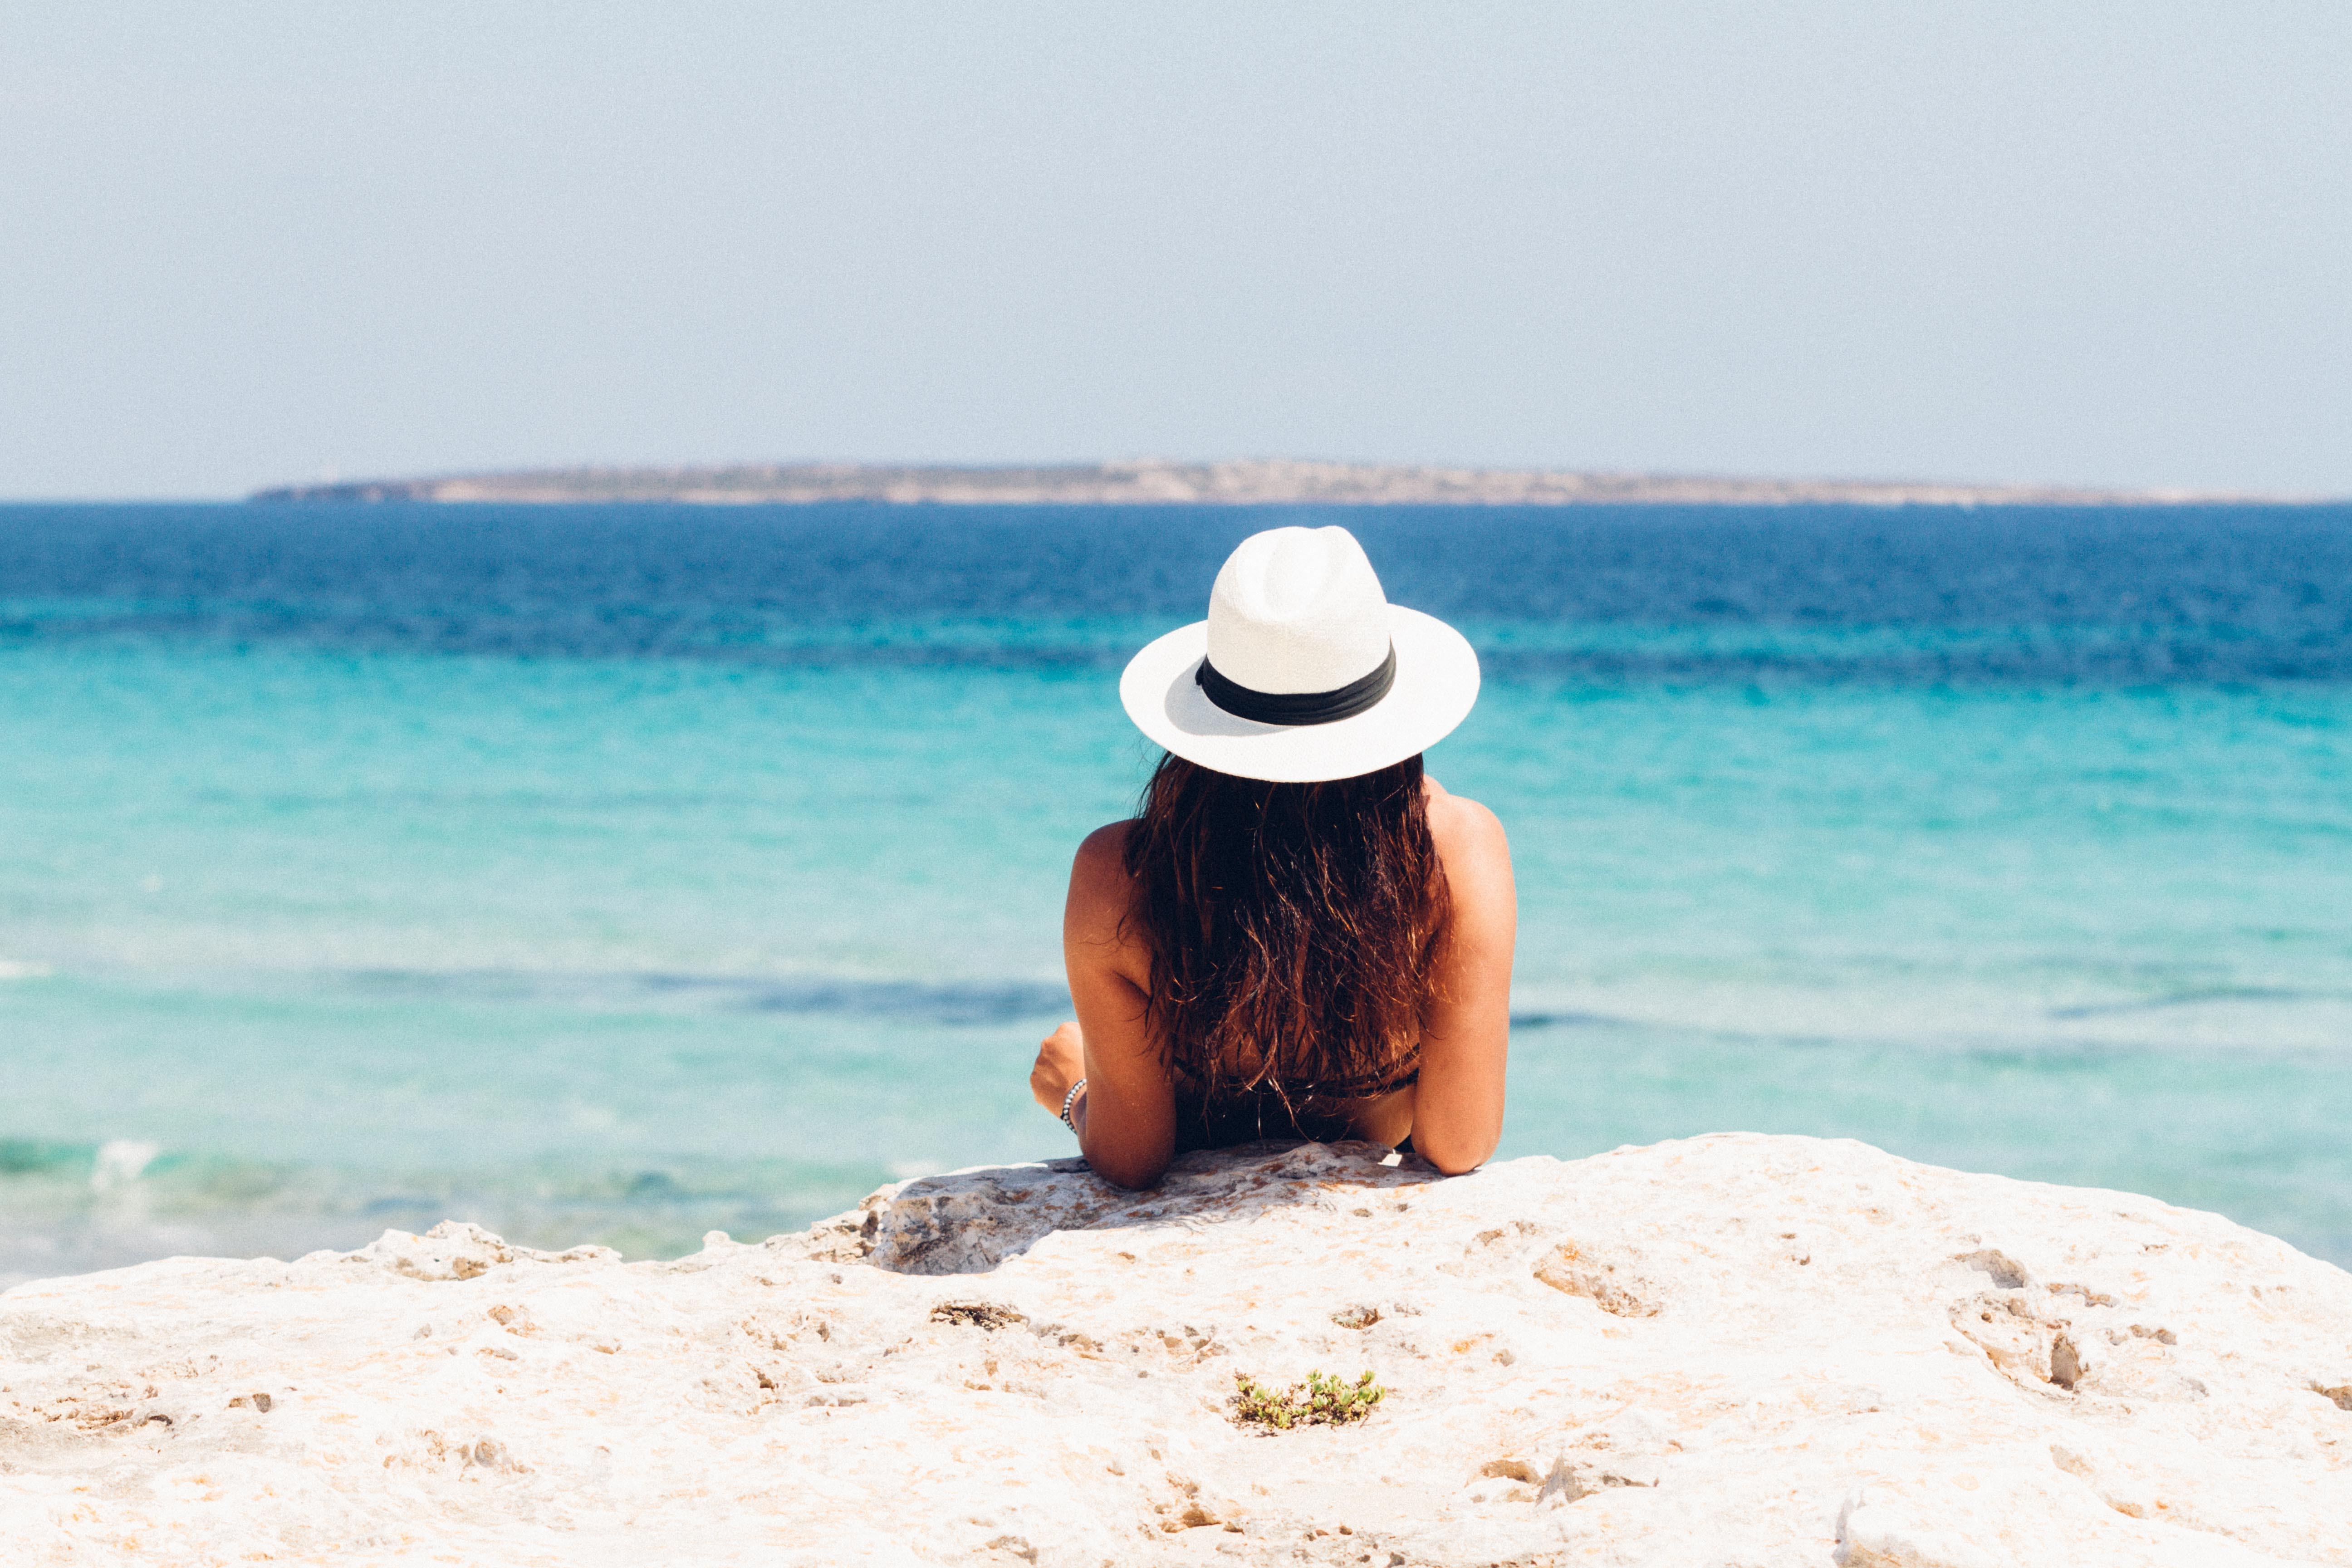 Le vacanze degli italiani all'estero: quali sono le mete economiche da scoprire